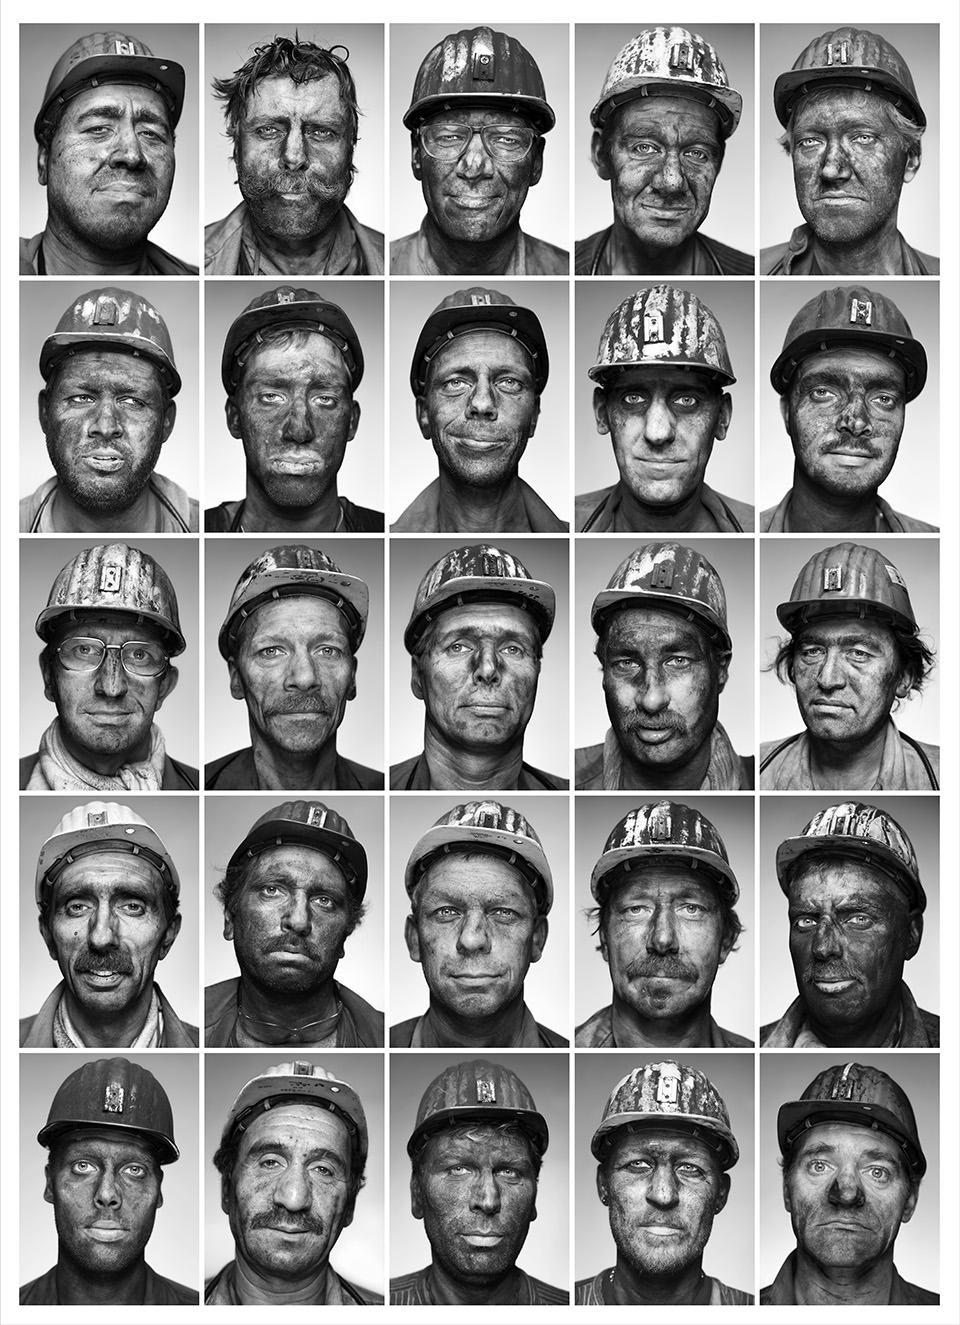 Viele Bergarbeiter in der Übersicht.